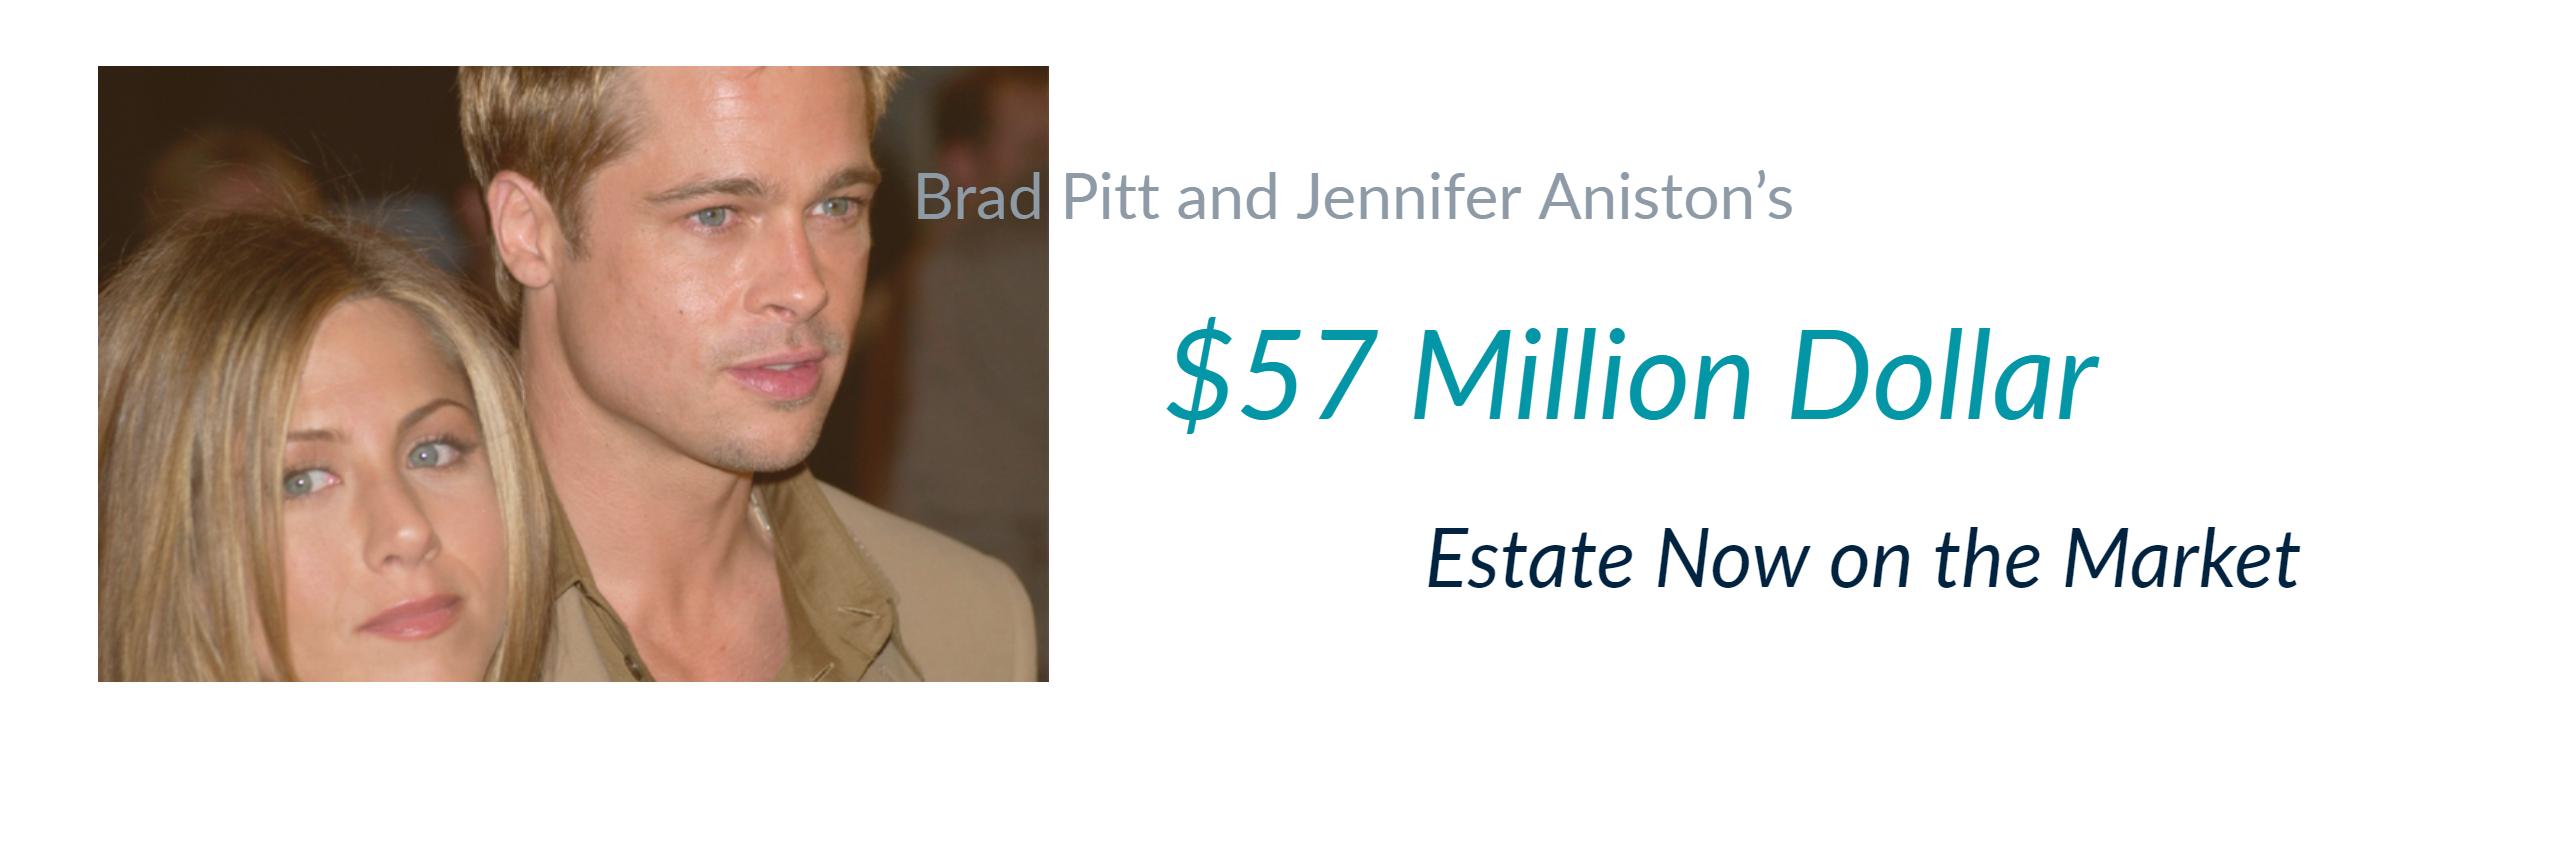 Brad Pitt and Jennifer Aniston's $57 Million Dollar Estate Now on the Market